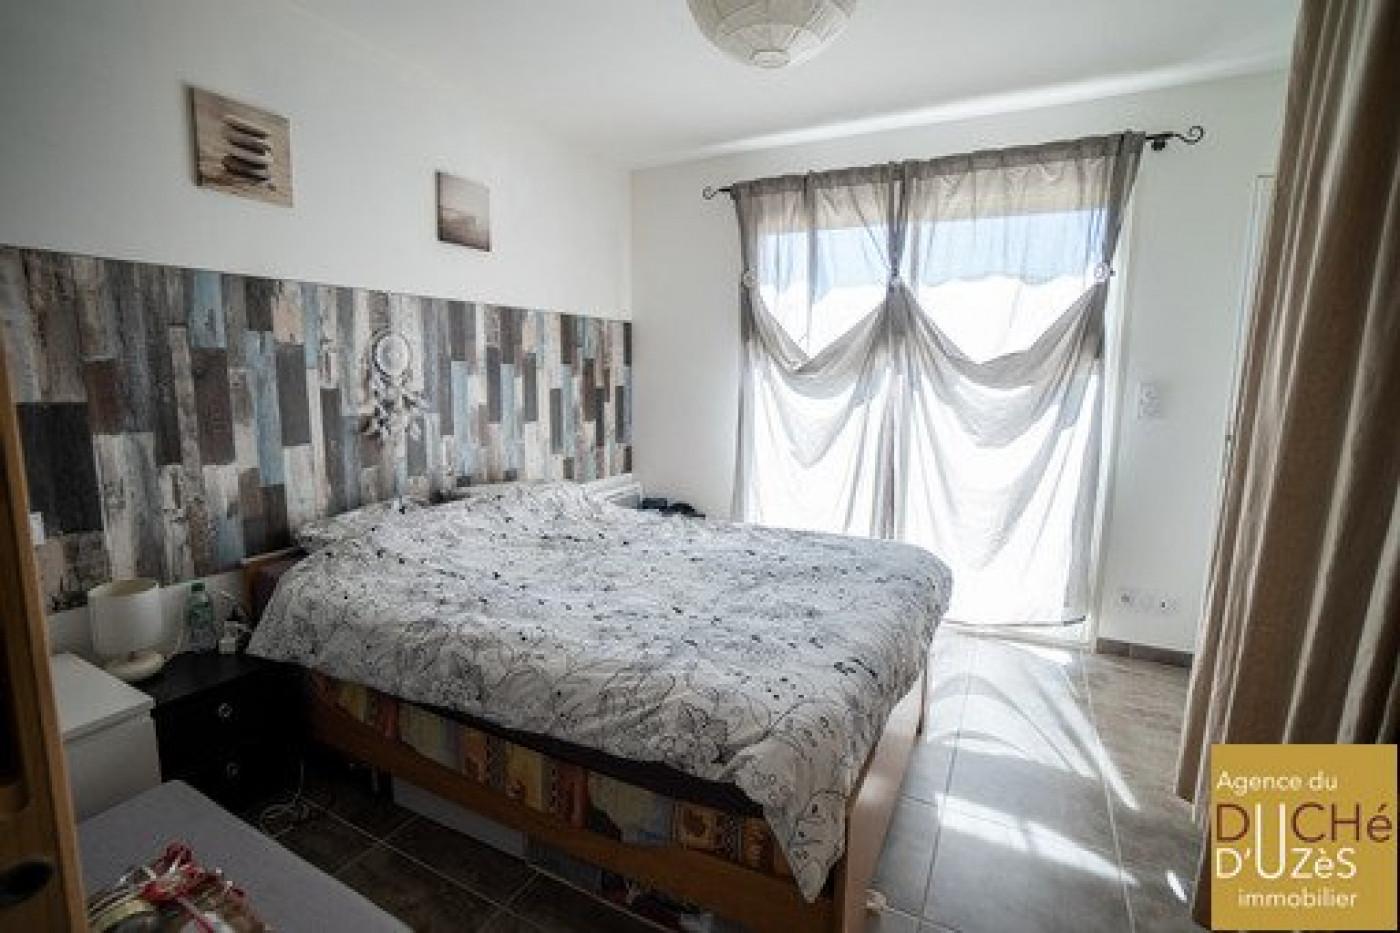 A vendre  Pouzilhac | Réf 301226088 - Agence du duché d'uzès